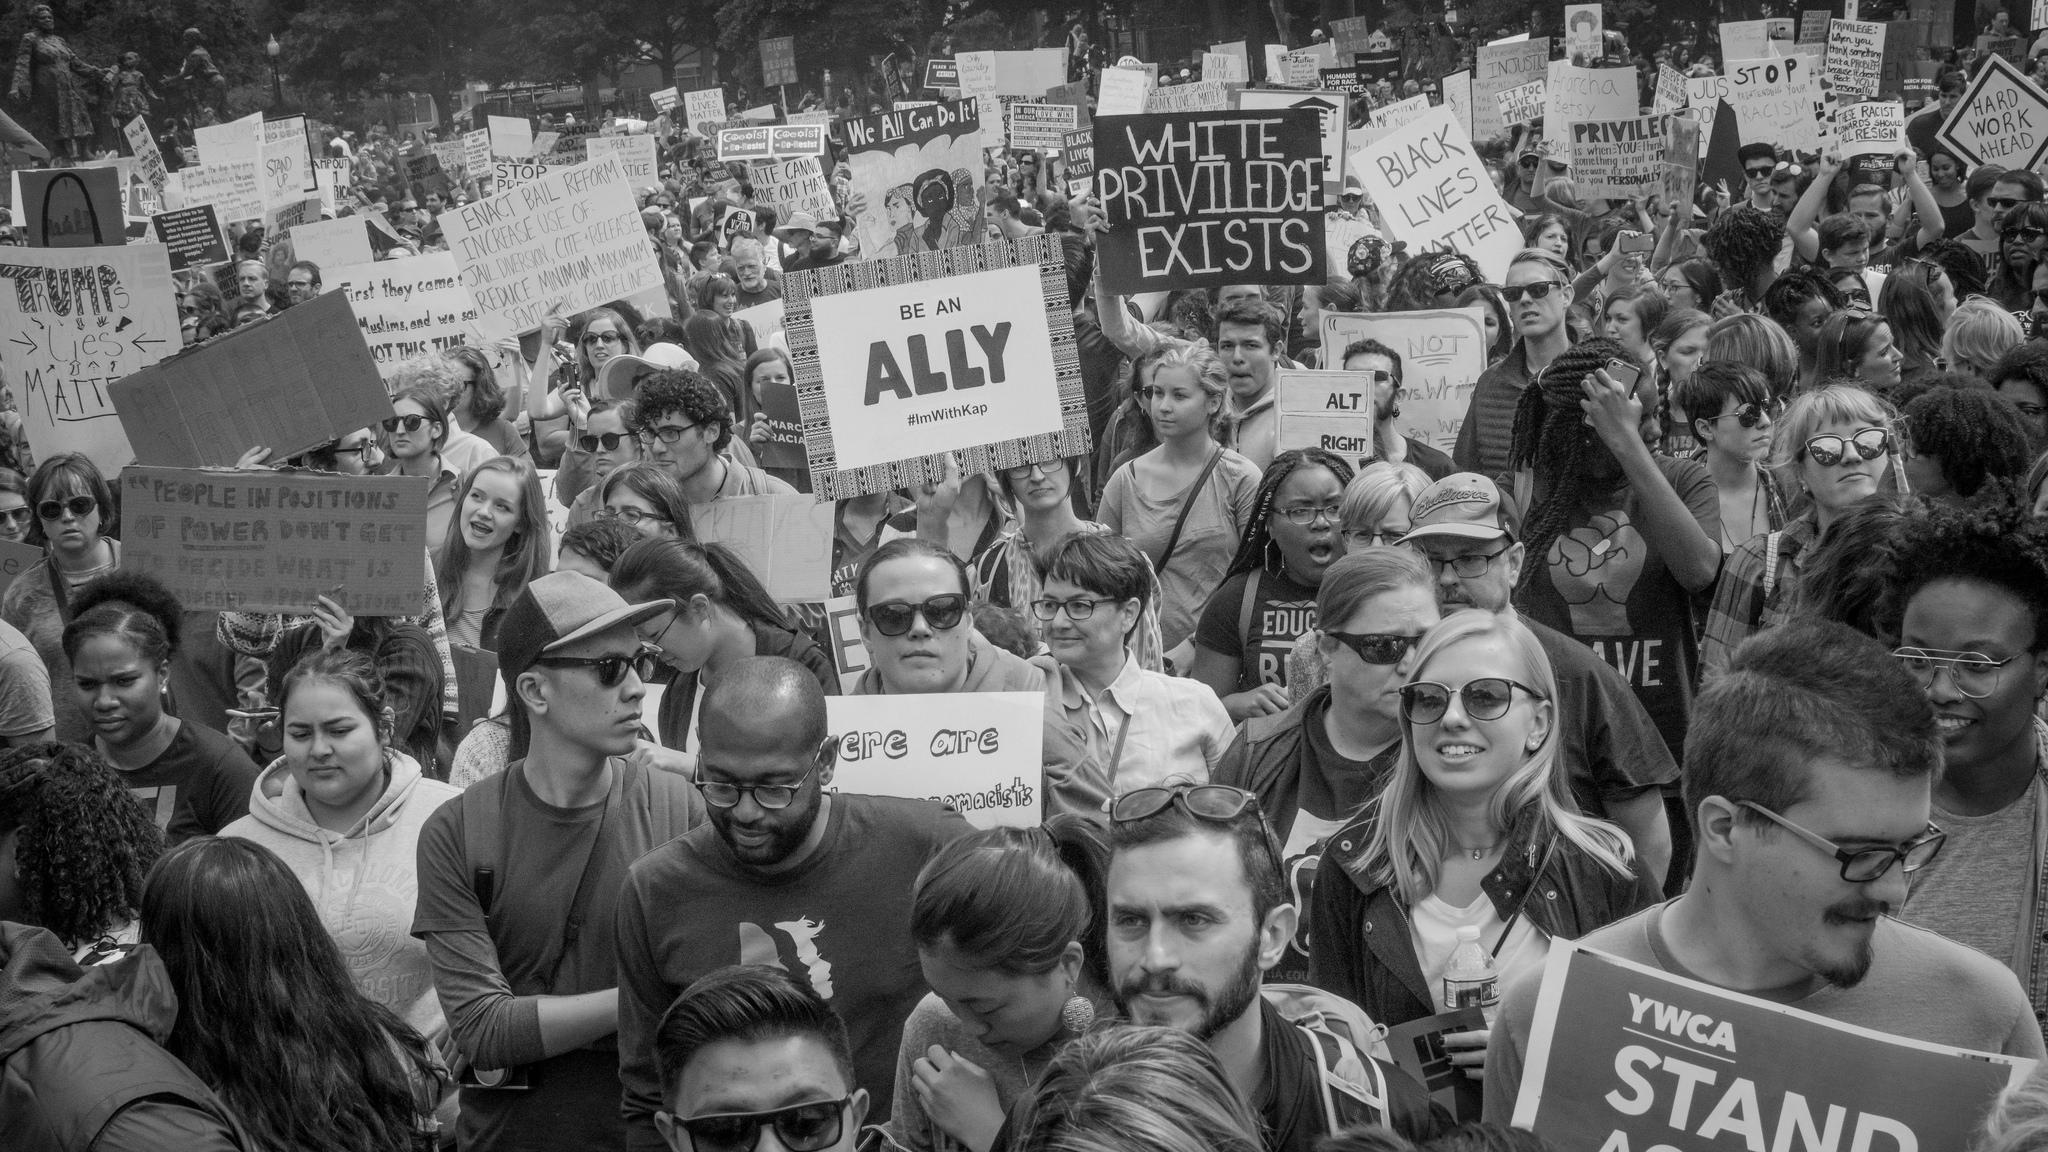 White privilege protesters